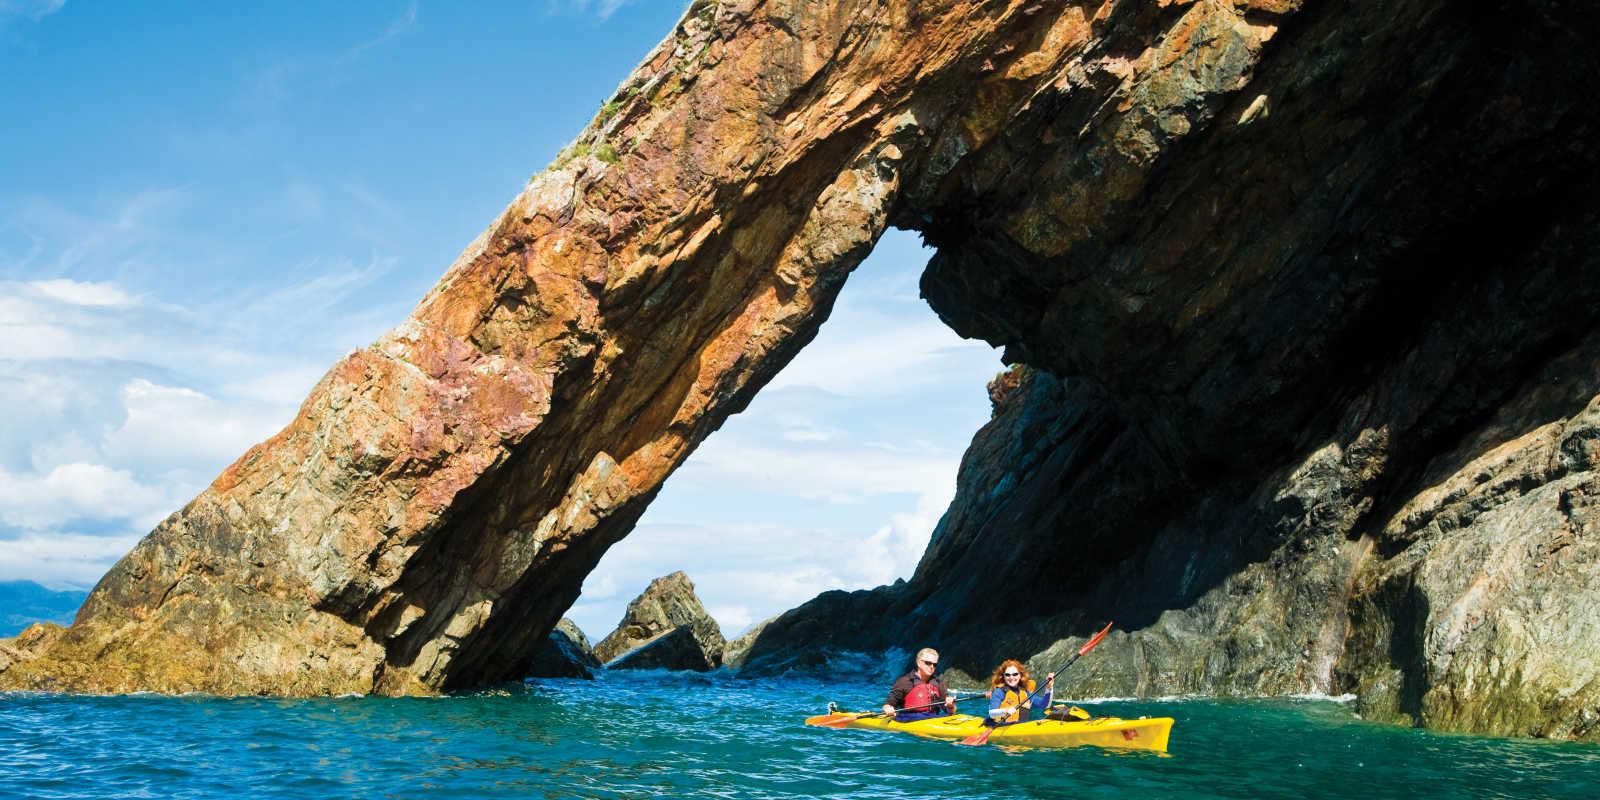 Kayaking in Kenai Fjords National Park